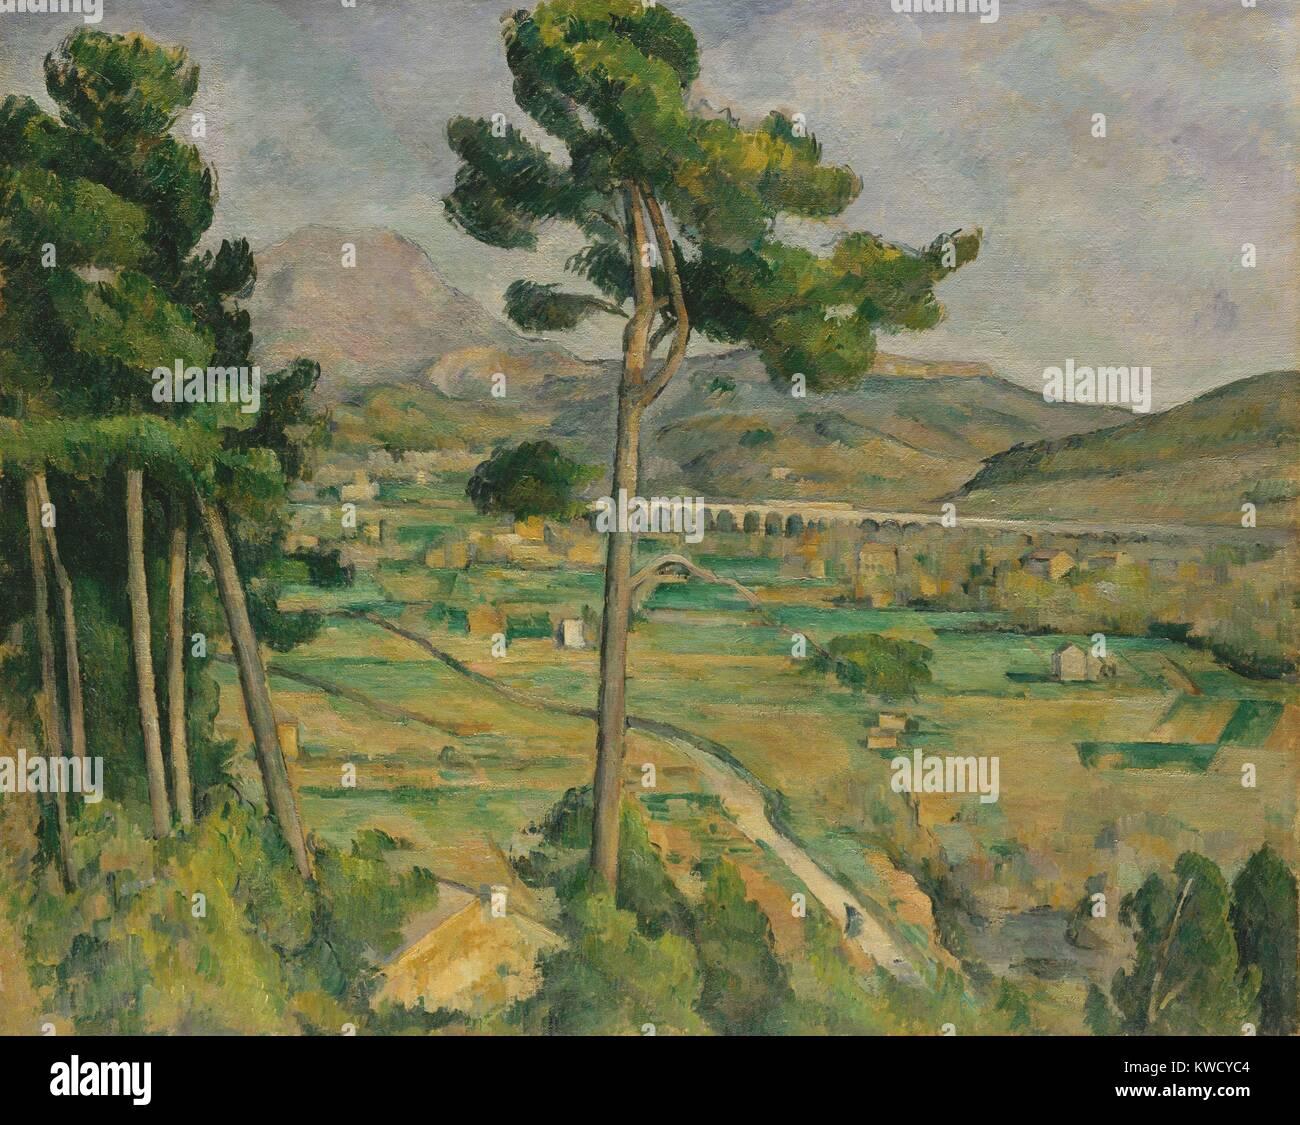 Mont Sainte-Victoire, Viadotto dell'arco lungo la valle del fiume di Paul Cezanne, 1882-85, Post-Impressionism. Immagini Stock